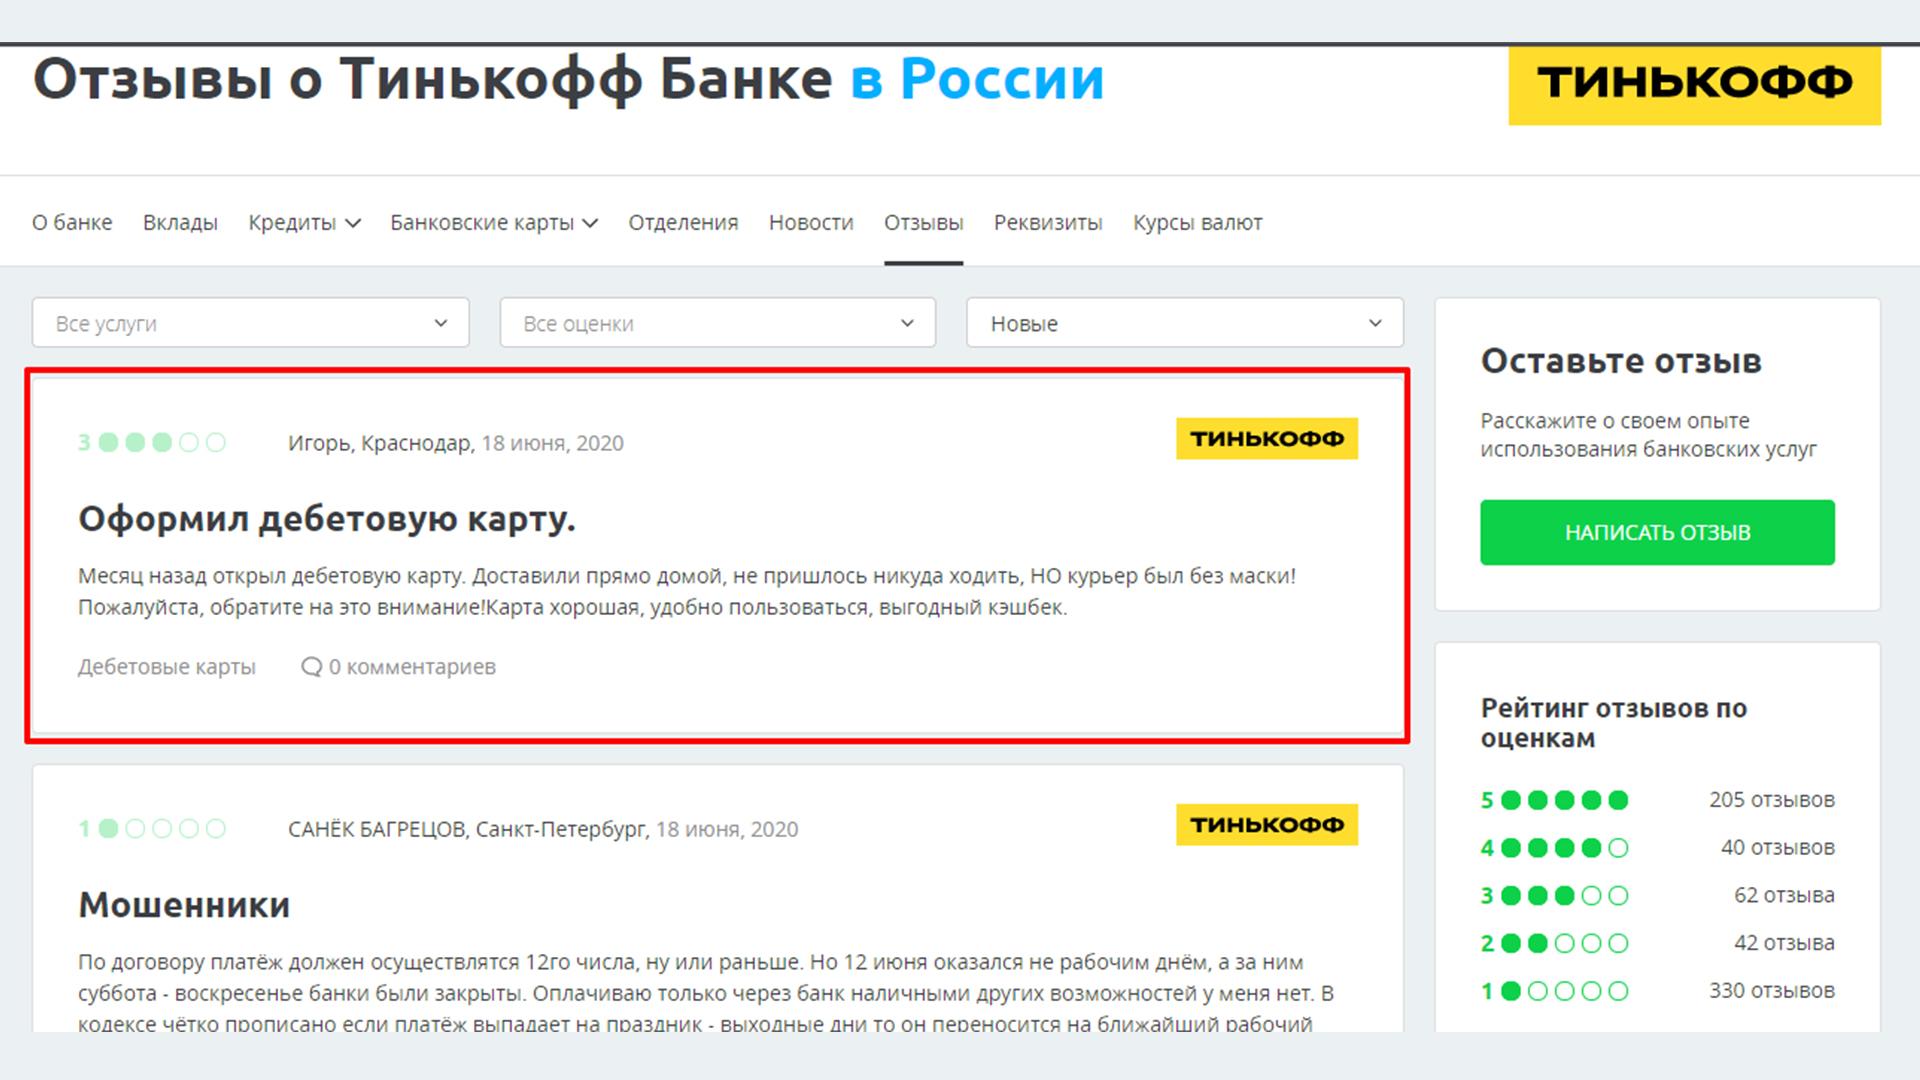 Отзыв оставленный на сайте Sravni.ru в ветке банка Тинькофф, остался не подтверждён.